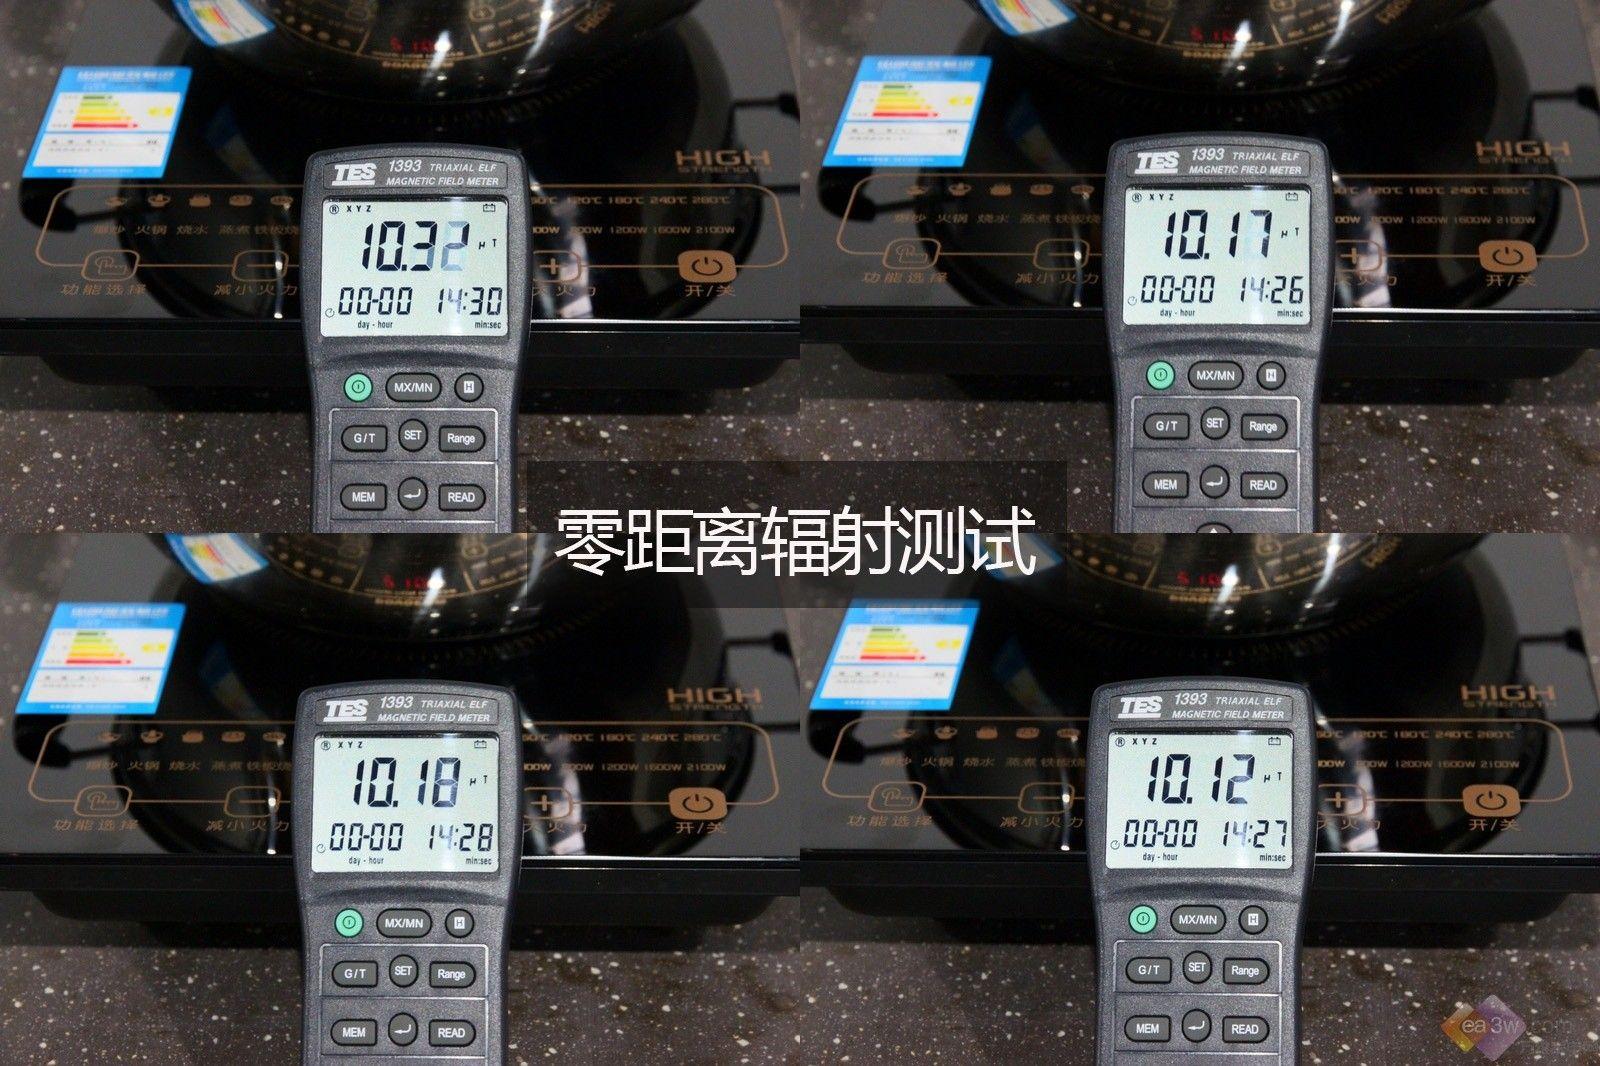 汉特黑晶面板 奔腾pg09电磁炉深度评测